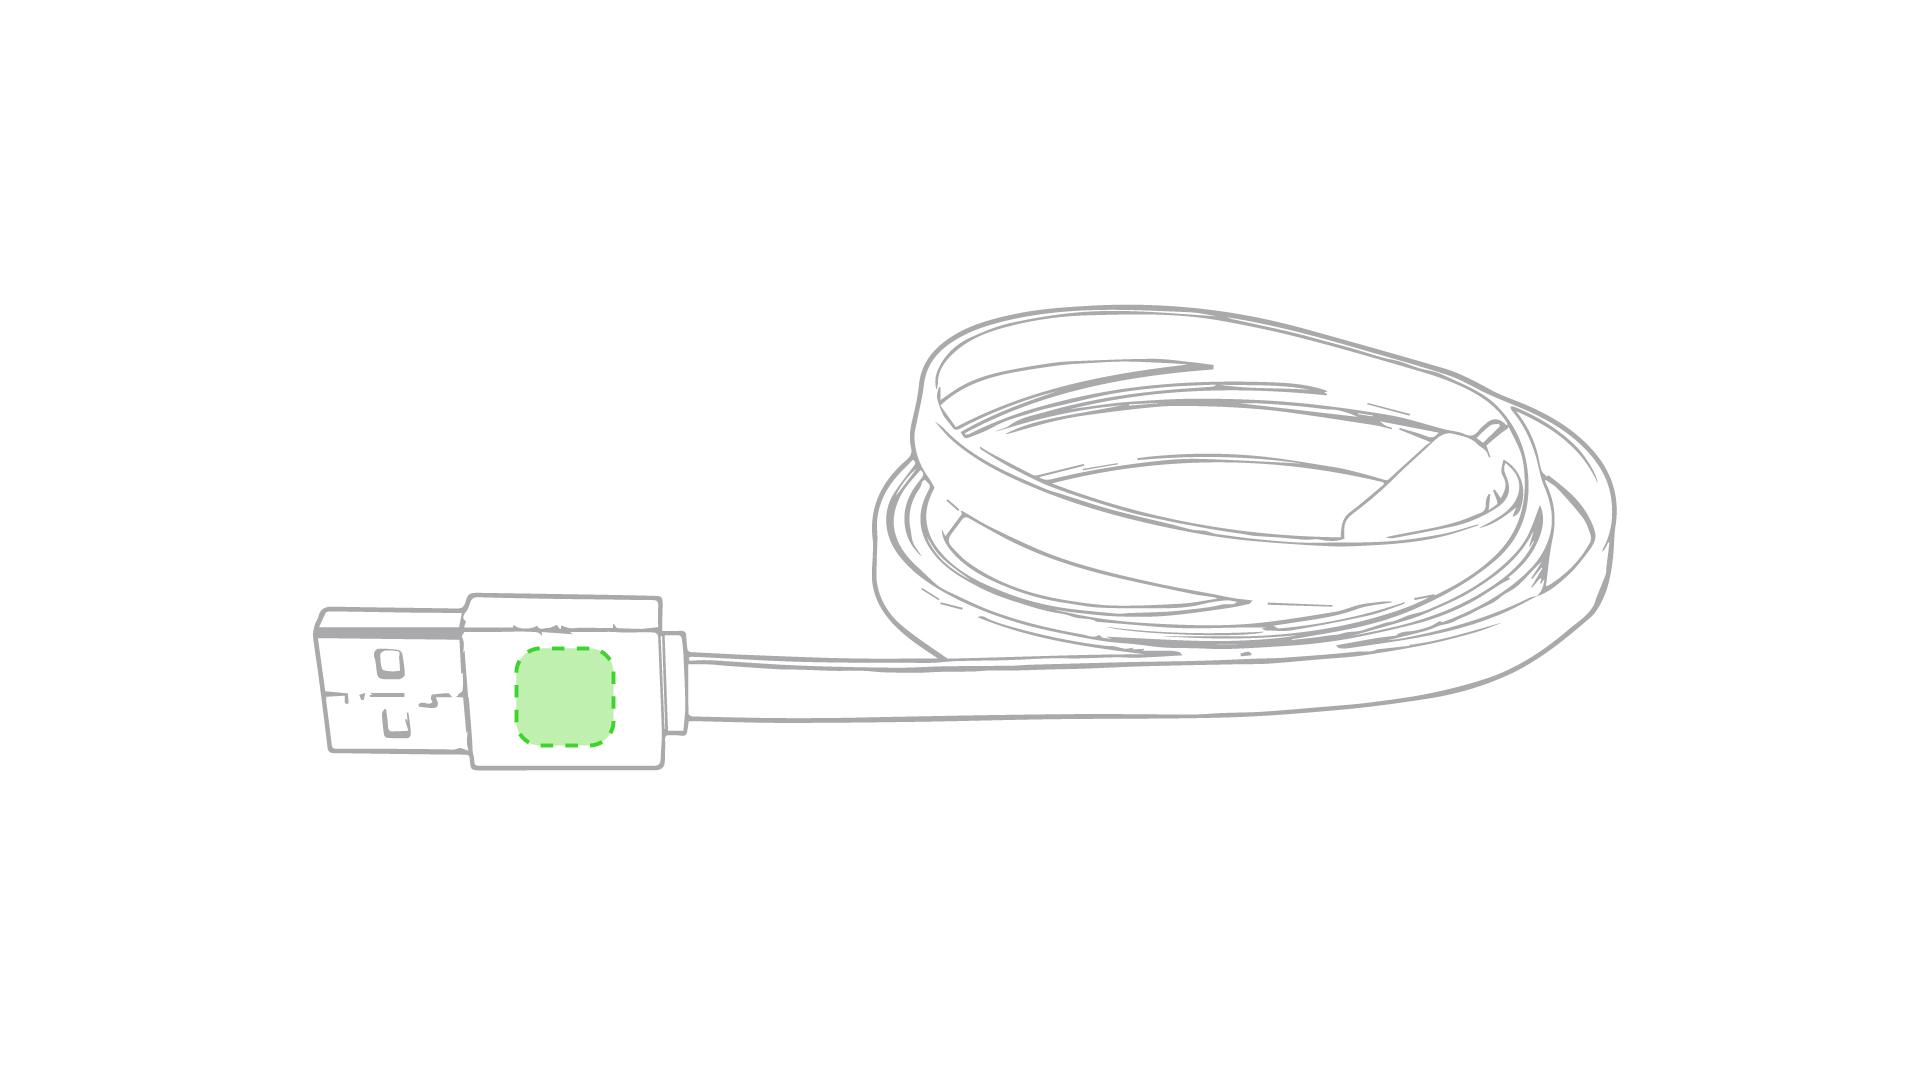 En el conector del USB